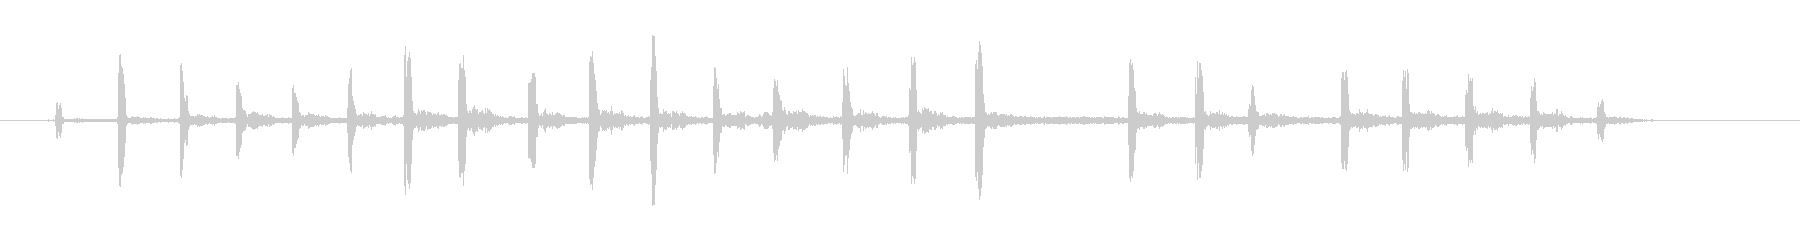 イーグル・クレブレラの未再生の波形